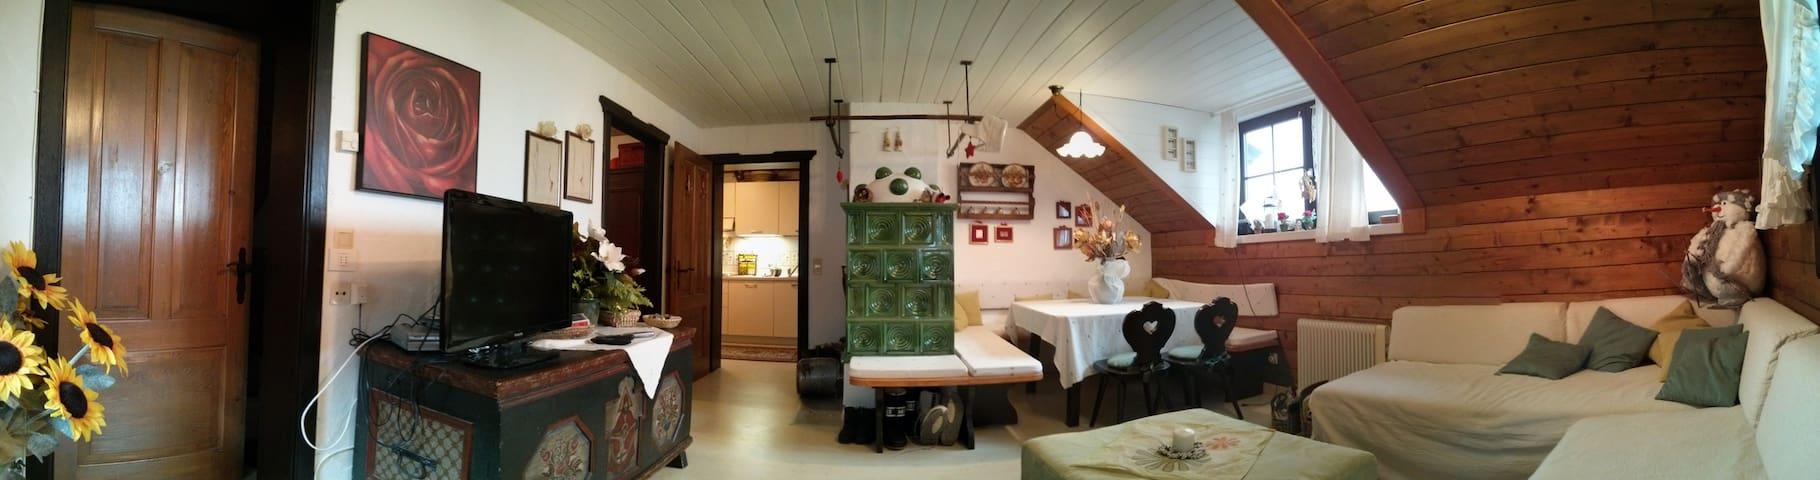 Nassfeld nest - Hermagor - Appartement